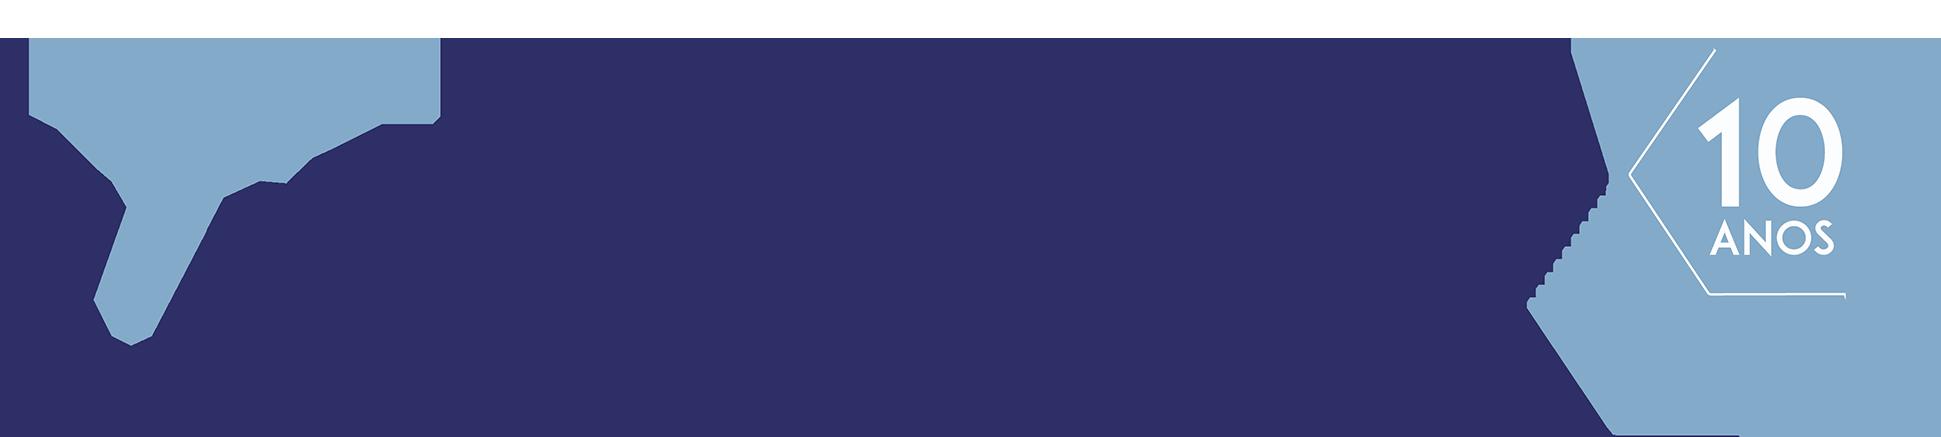 Logo Linkmex 10 anos PNG